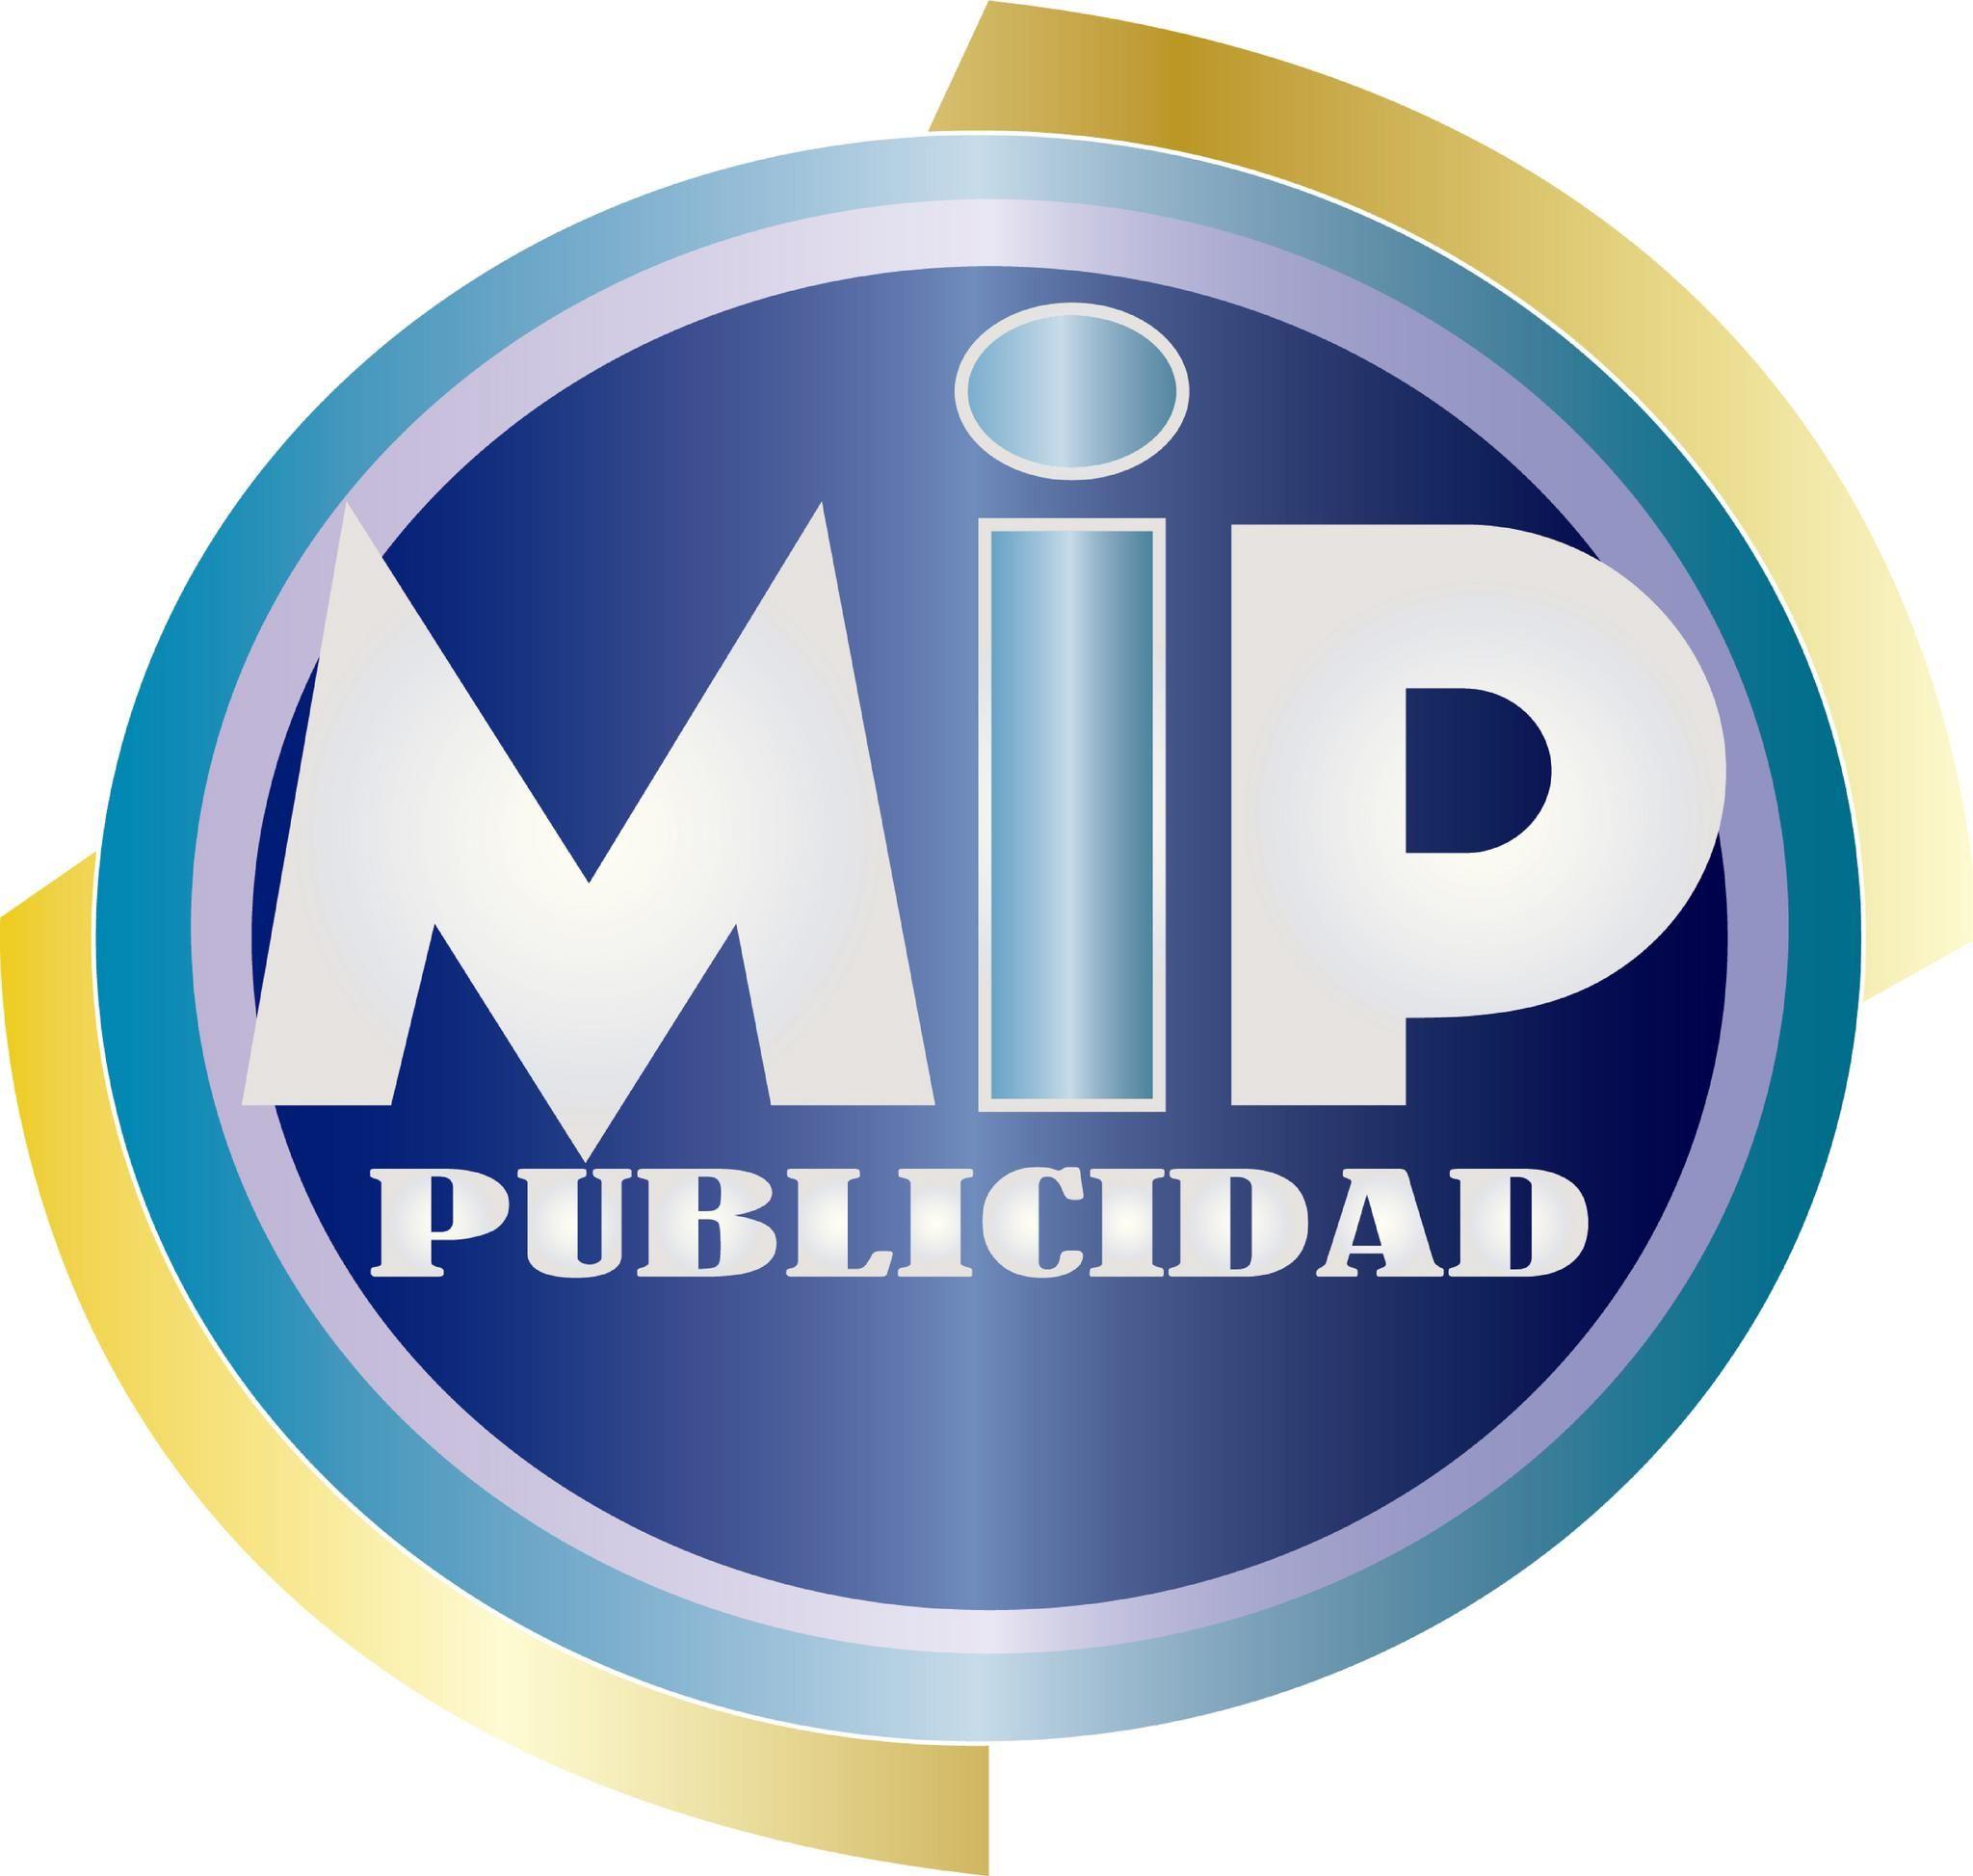 MIP PUBLICIDAD